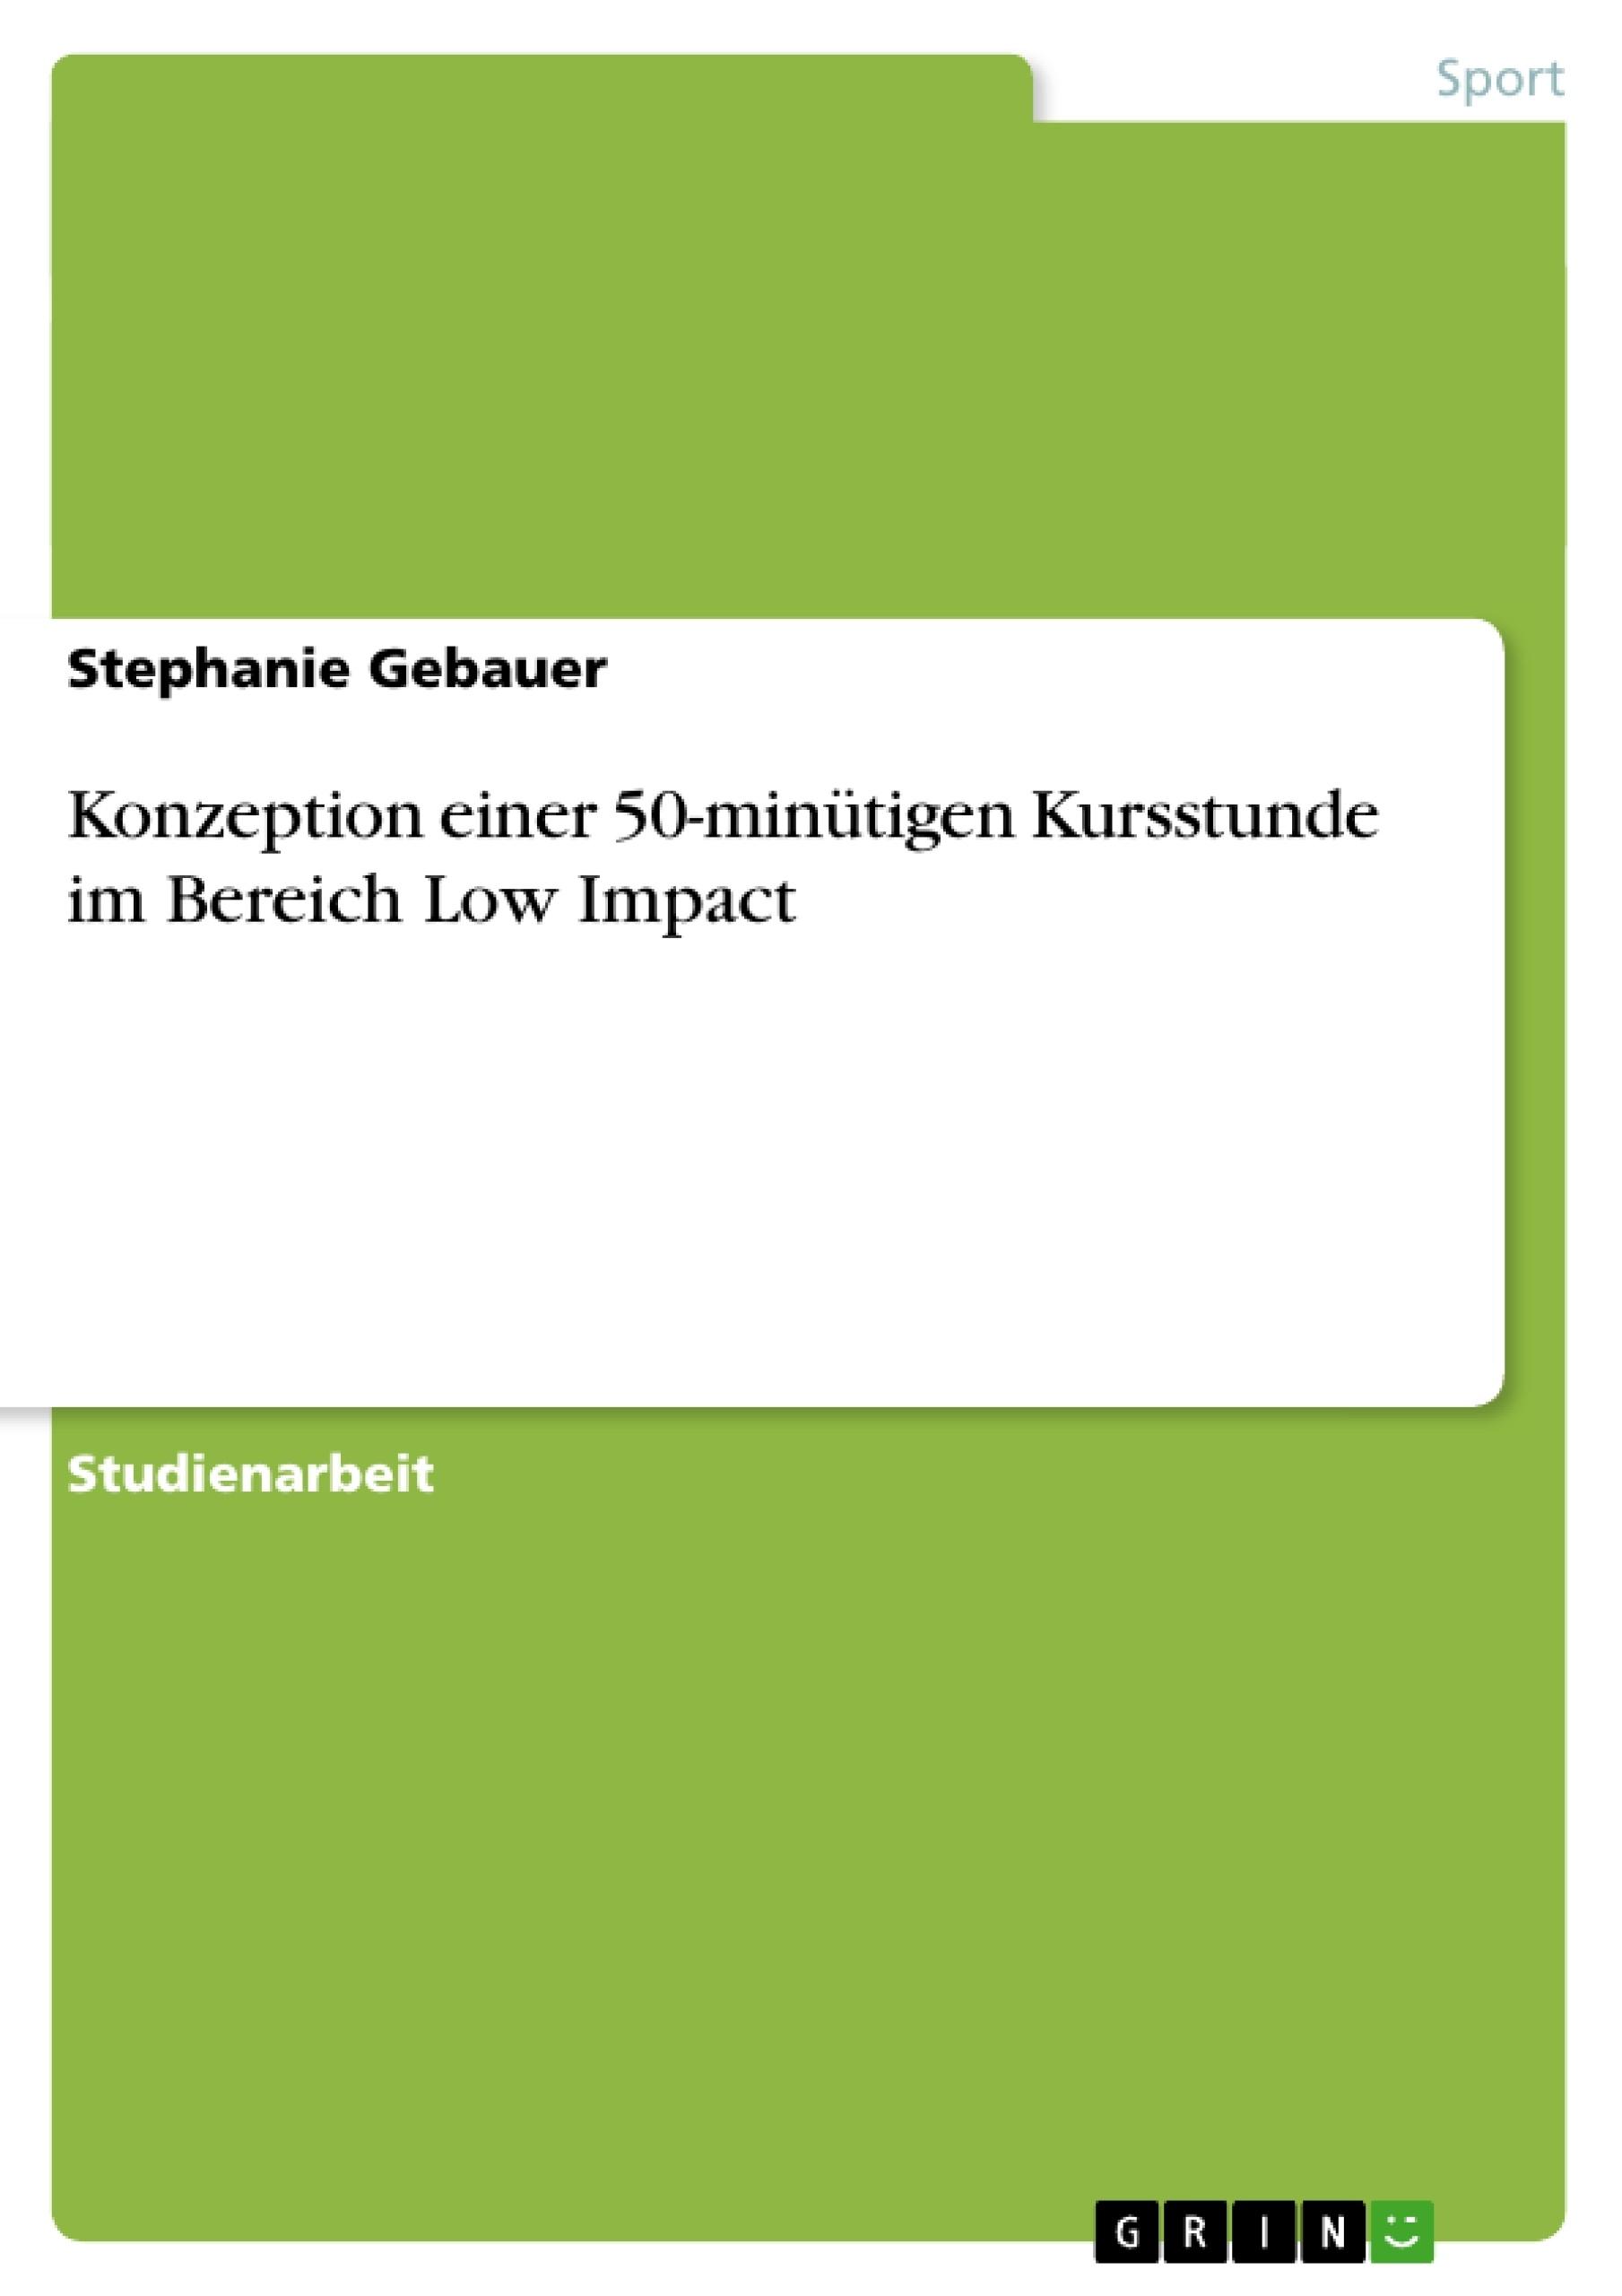 Titel: Konzeption einer 50-minütigen Kursstunde im Bereich Low Impact